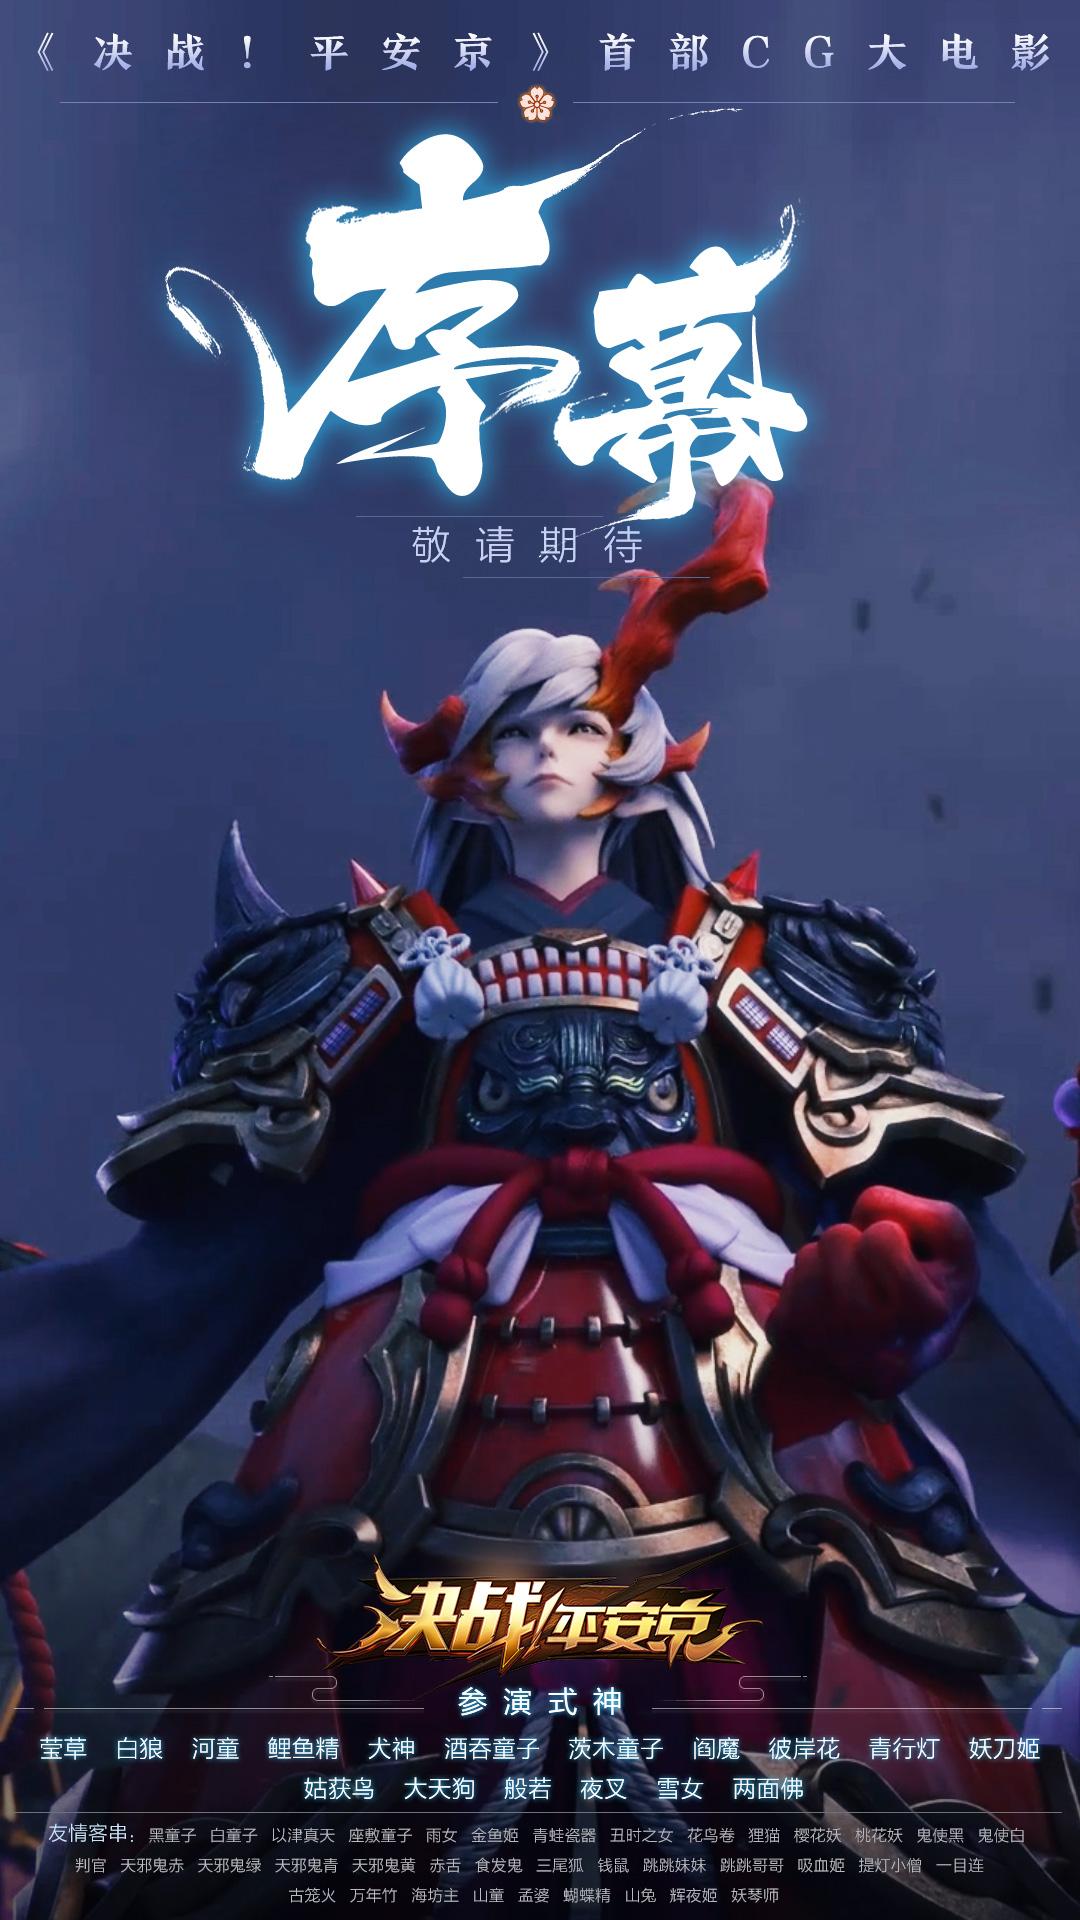 决战平安京首部CG《序幕》海报曝光[多图]